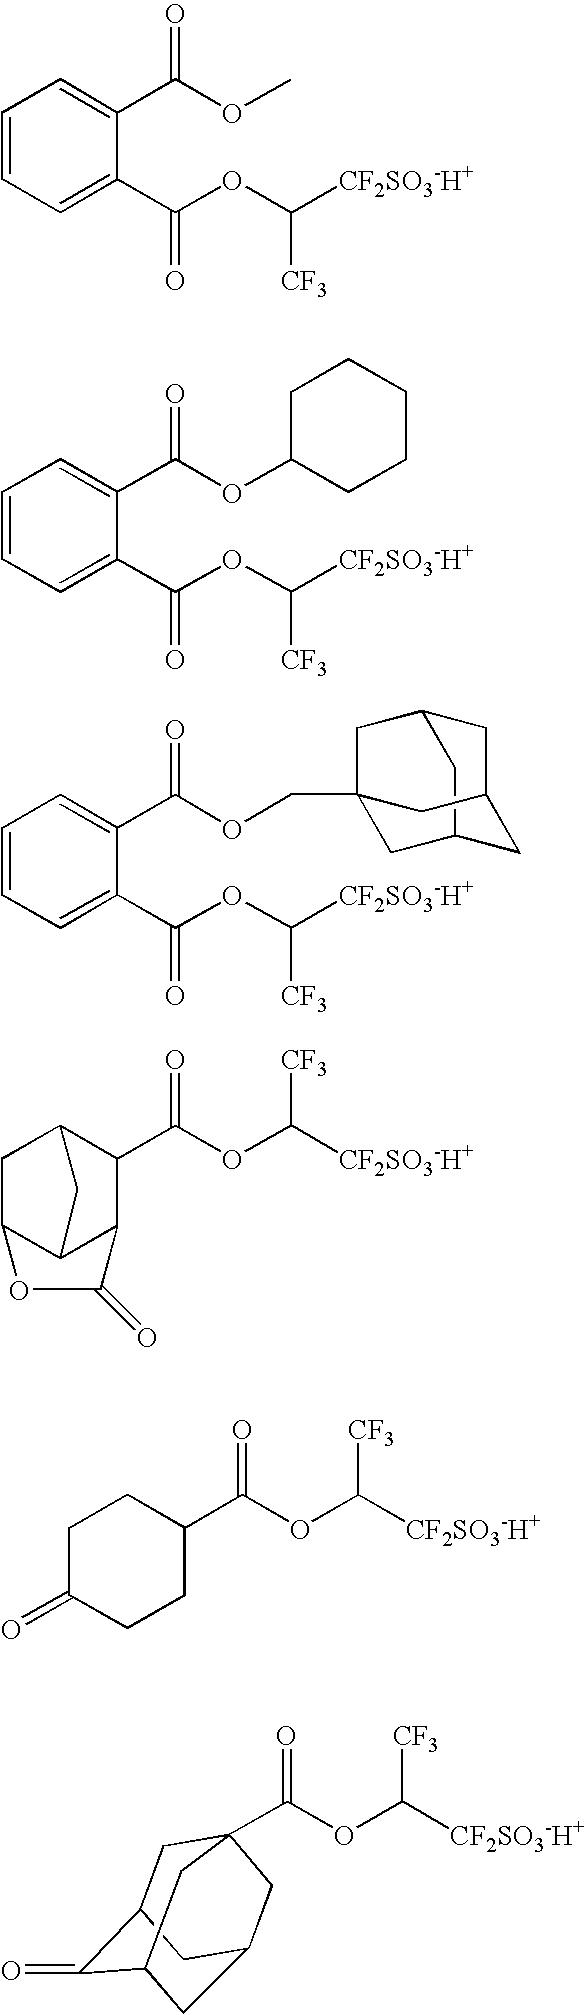 Figure US20080085469A1-20080410-C00008